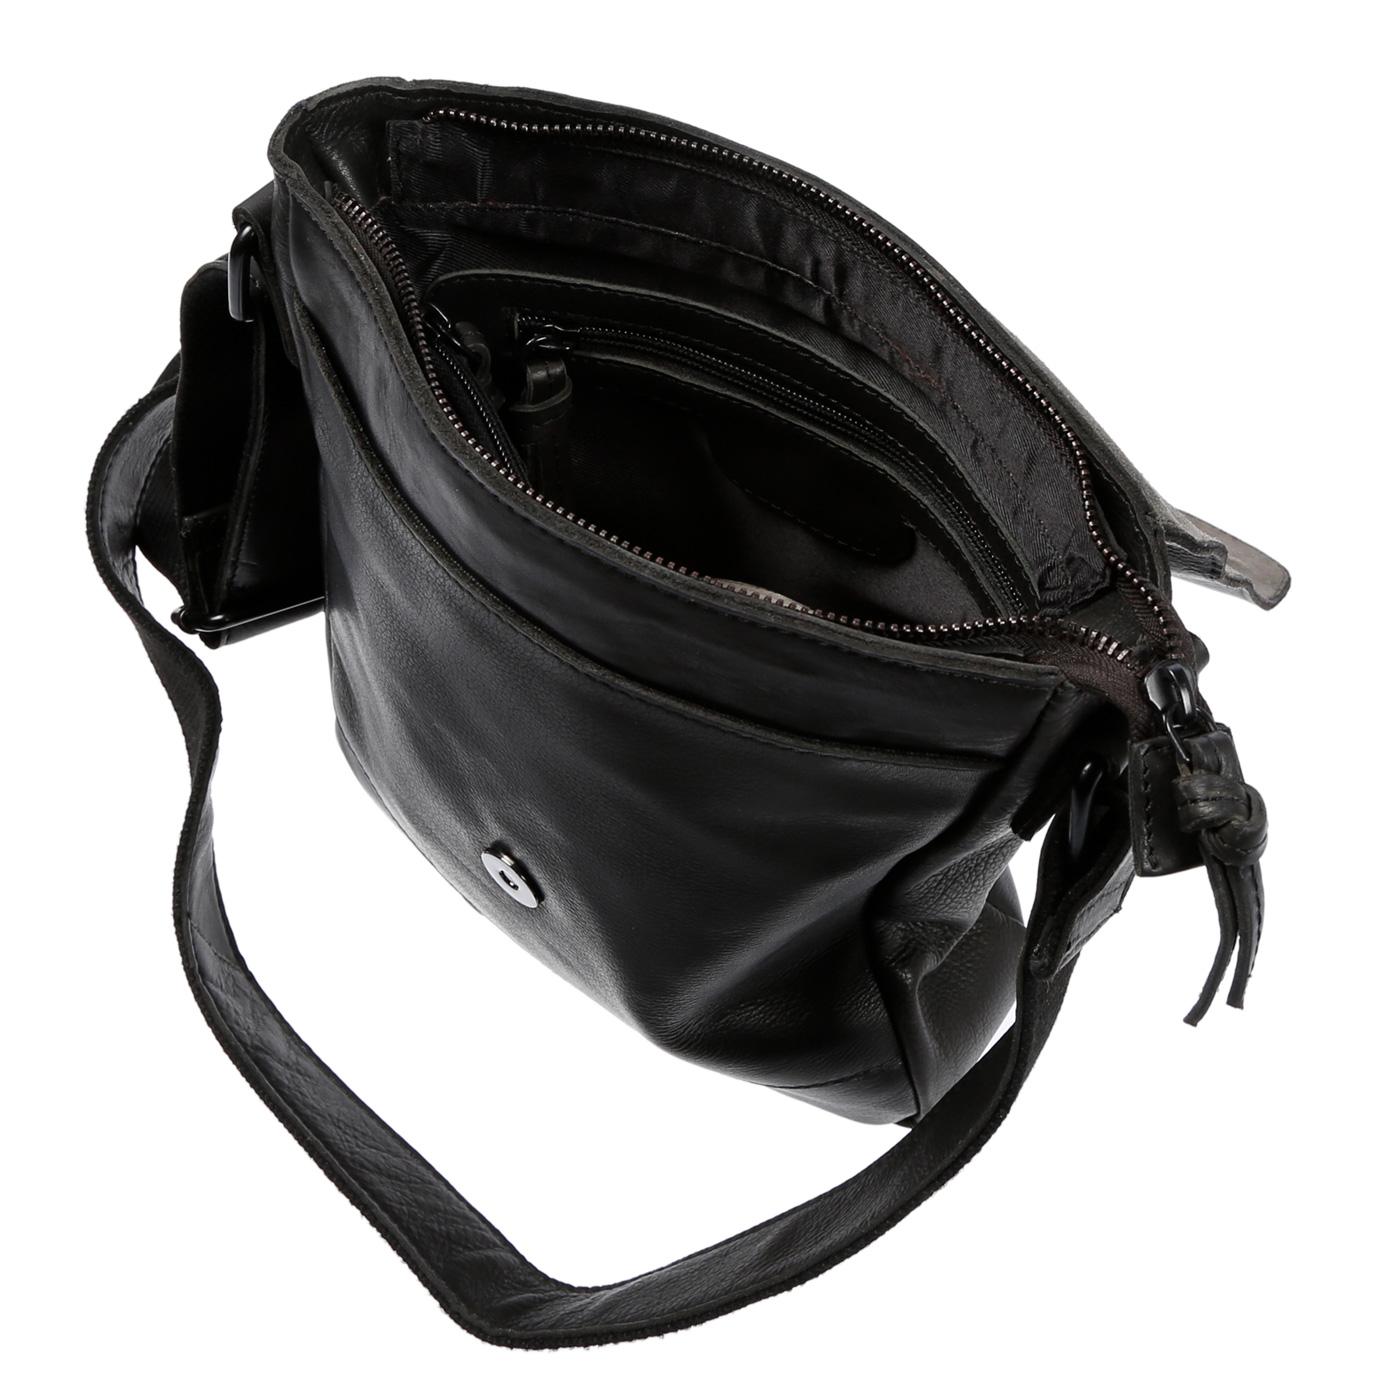 Echt-Leder-Herren-Damen-Umhaengetasche-Tasche-RFID-Schutz-Schultertasche-Umhaenger Indexbild 20